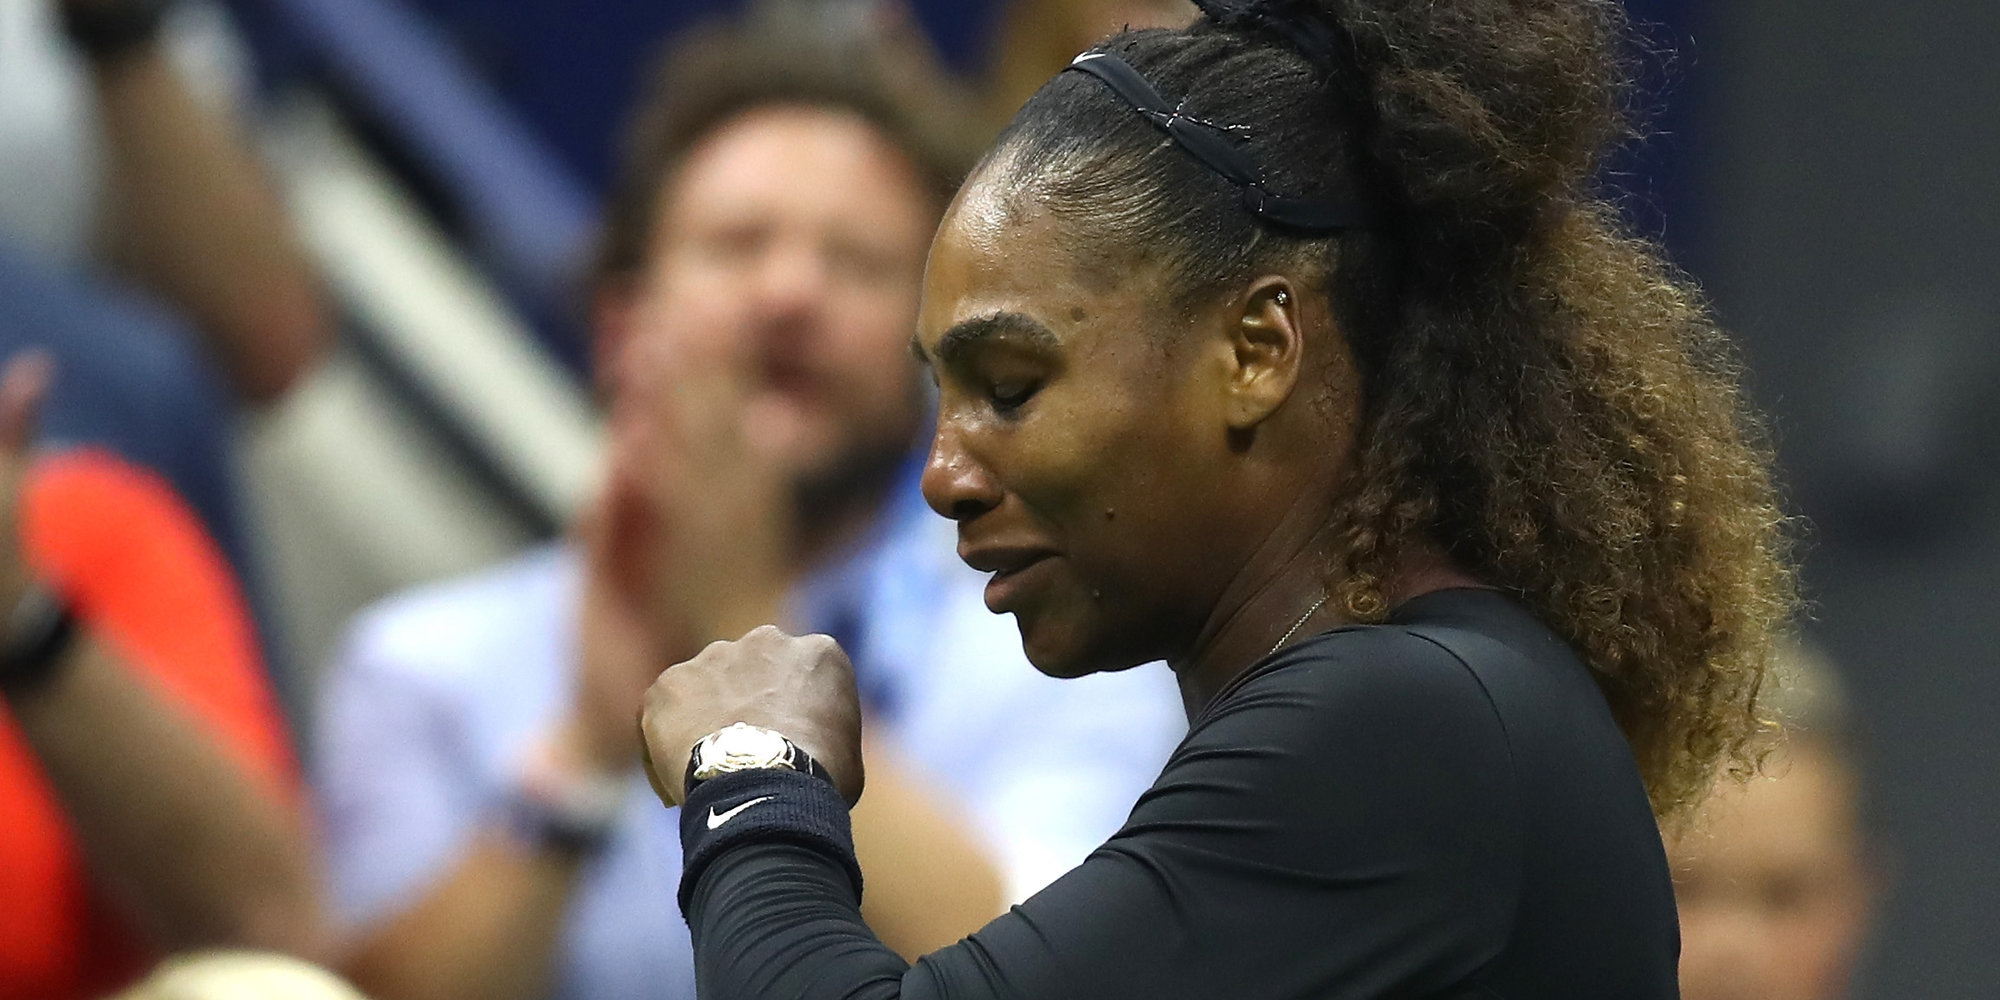 Серена Уильямс в слезах сорвала пресс-конференцию после поражения на Australian Open